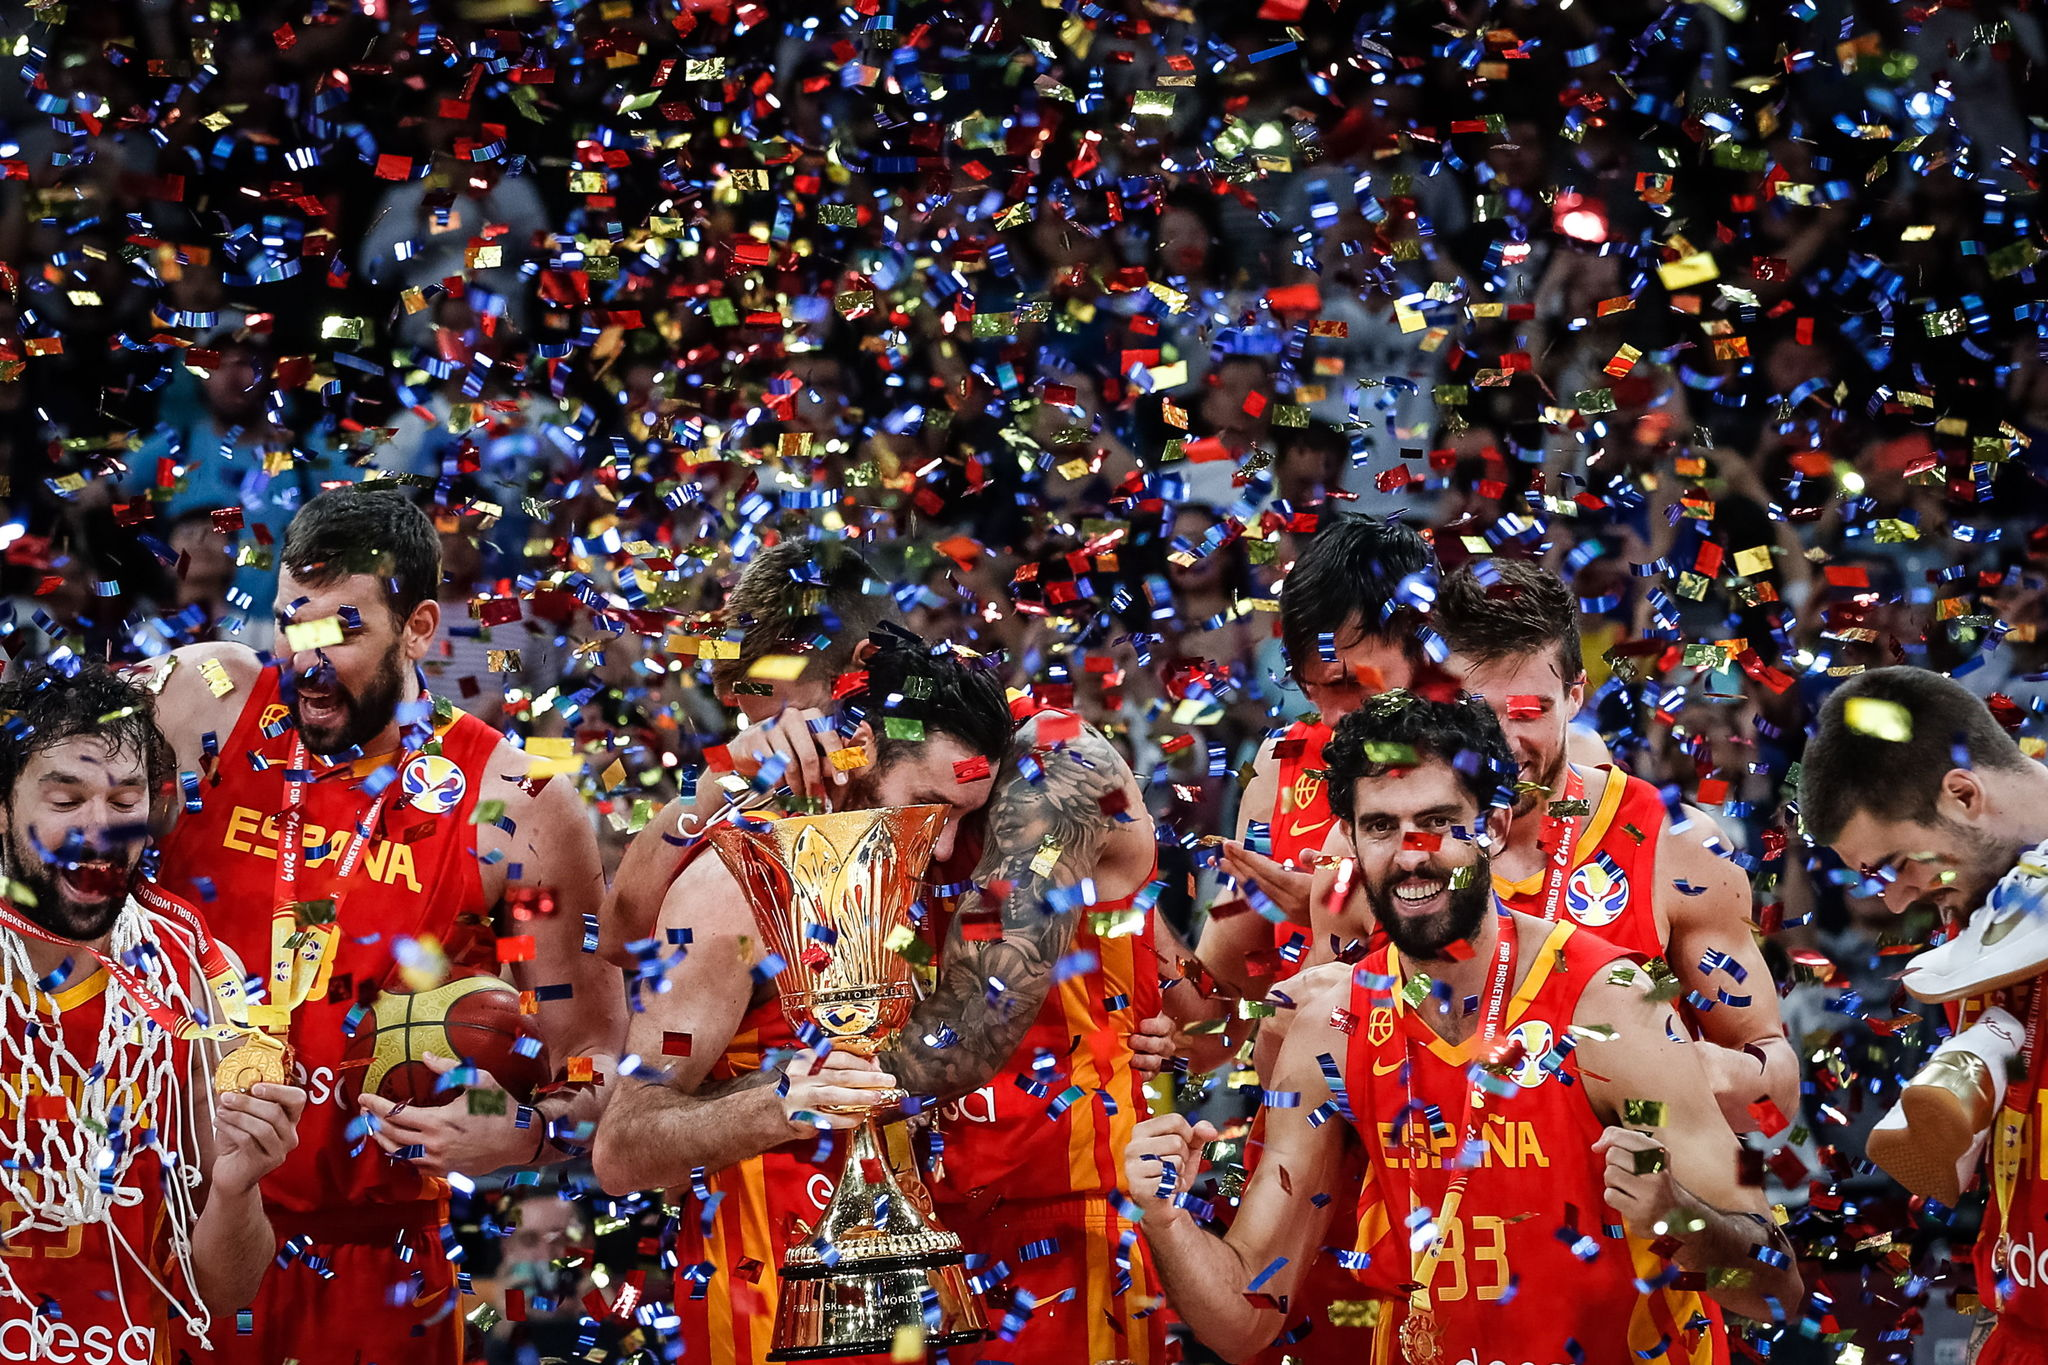 España celebrando su triunfo contra Argentina en la final del Mundial...